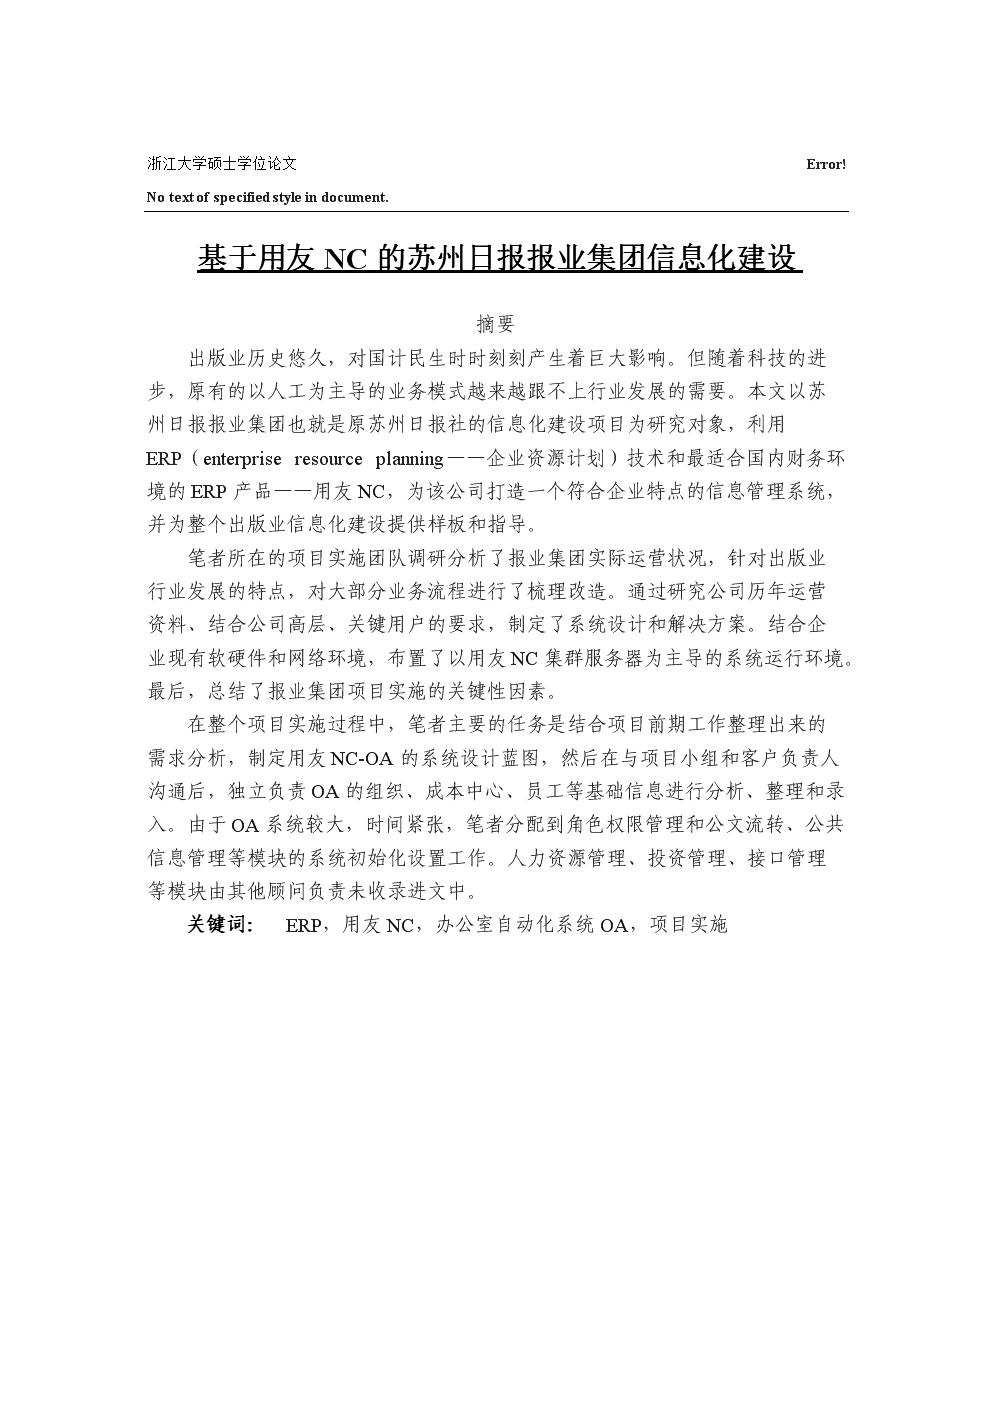 《基于用友NC的苏州日报业集团信息化建设》【毕业设计论文】.doc